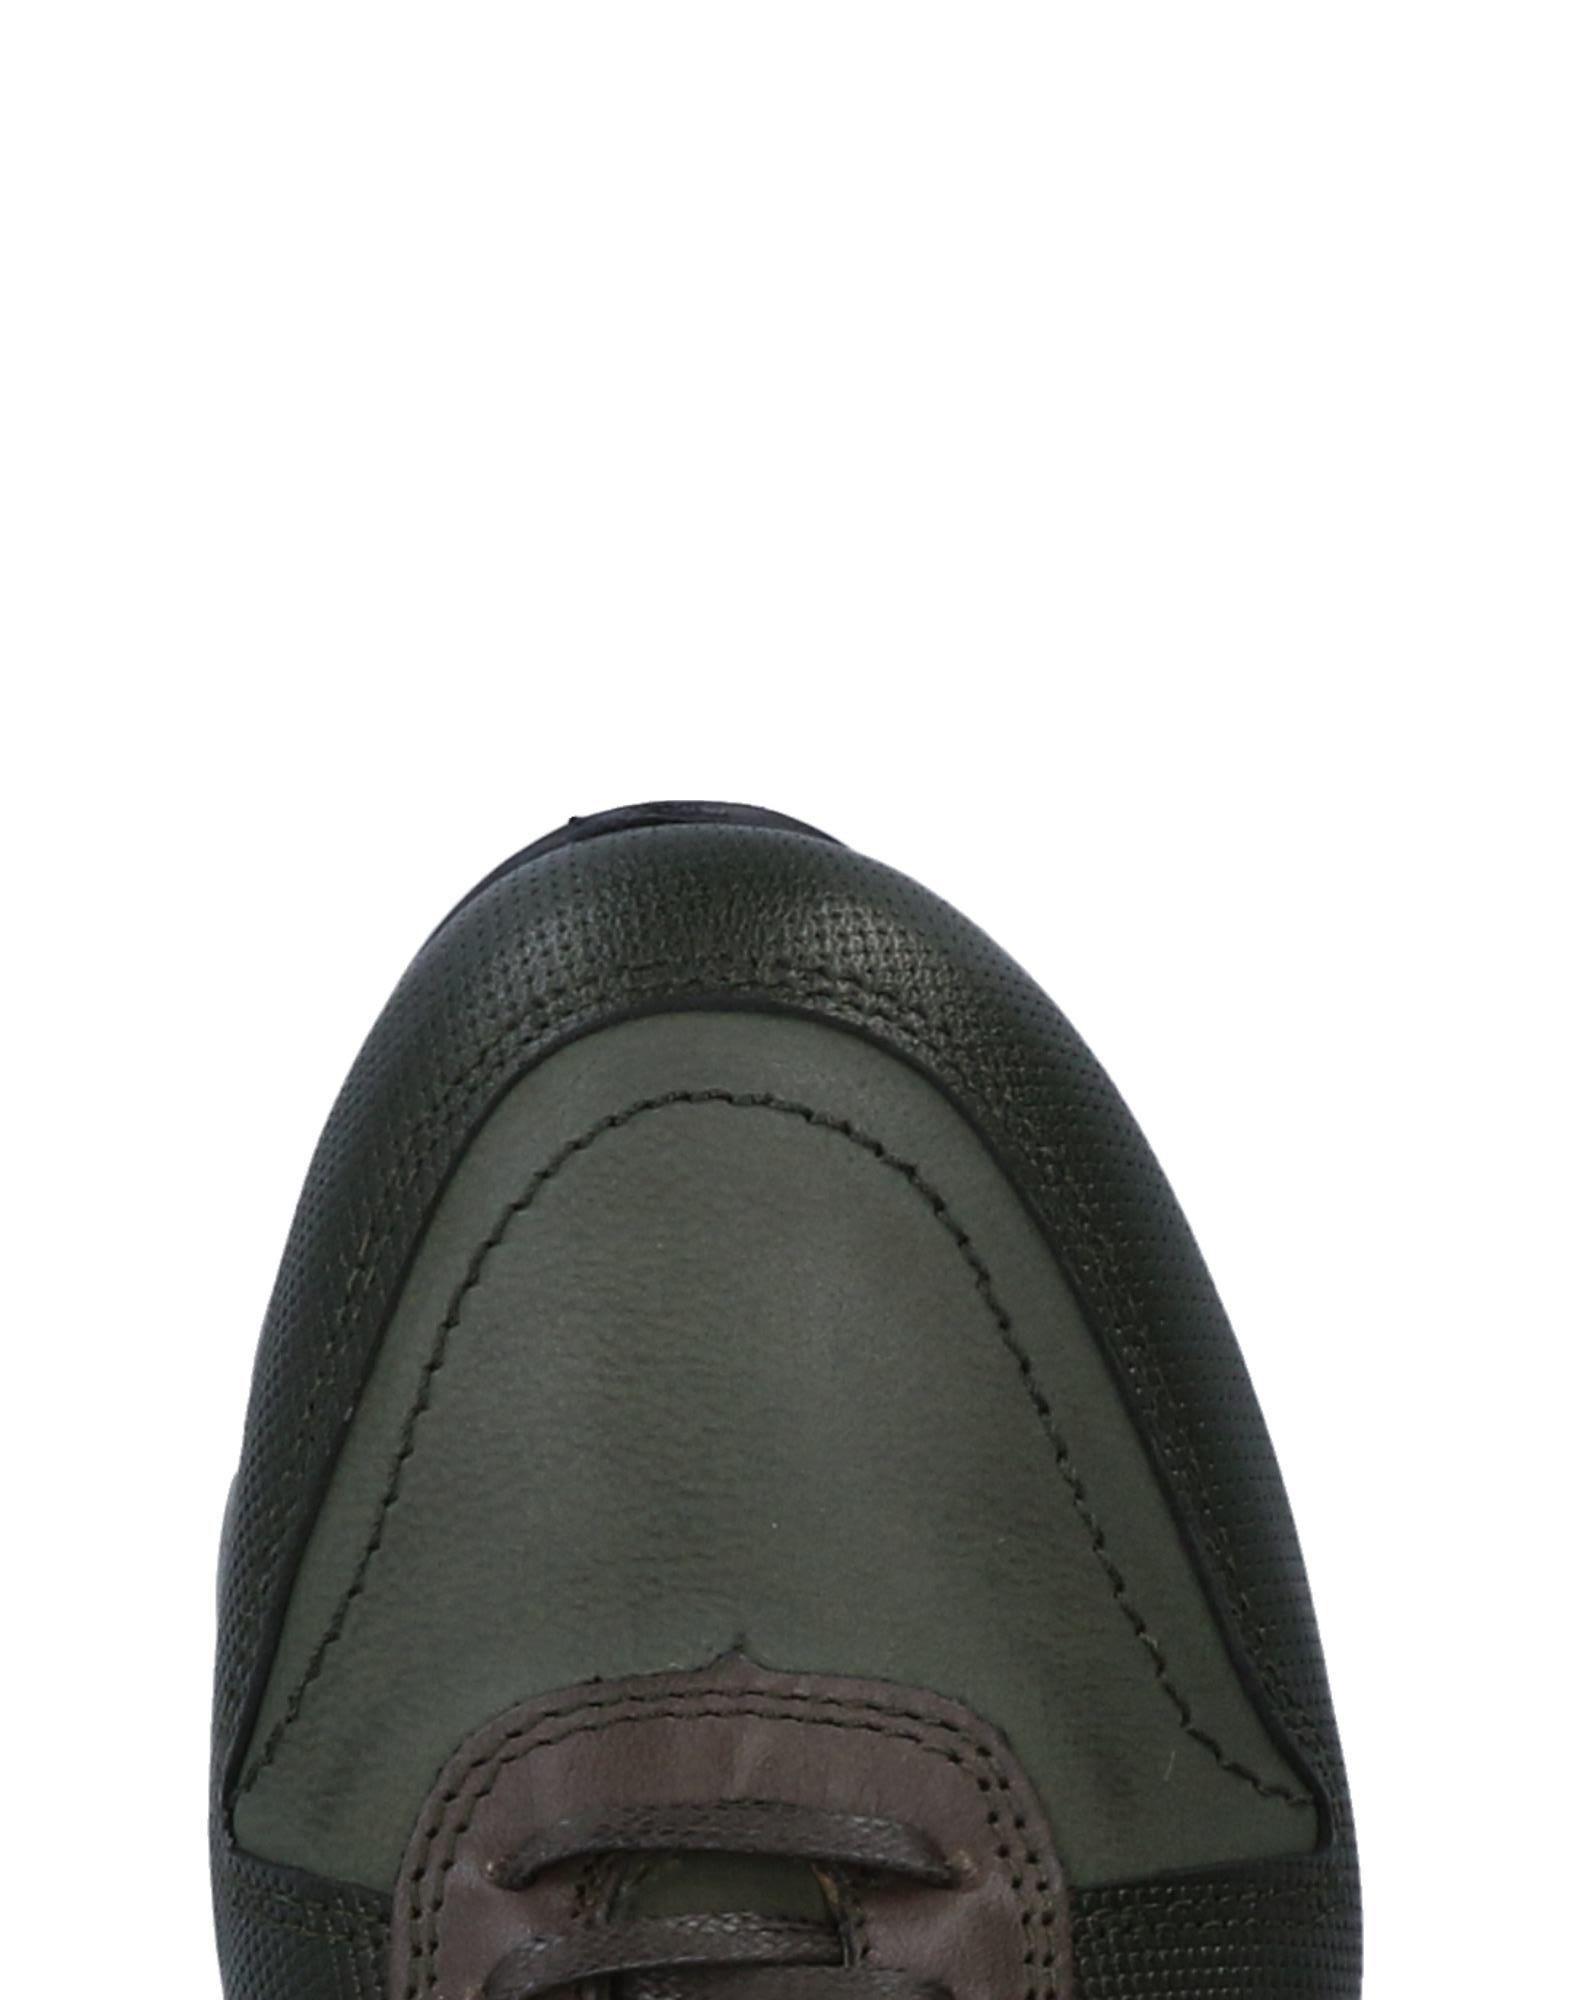 Pantofola D'oro Sneakers Damen  11457080TG Gute Qualität beliebte Schuhe